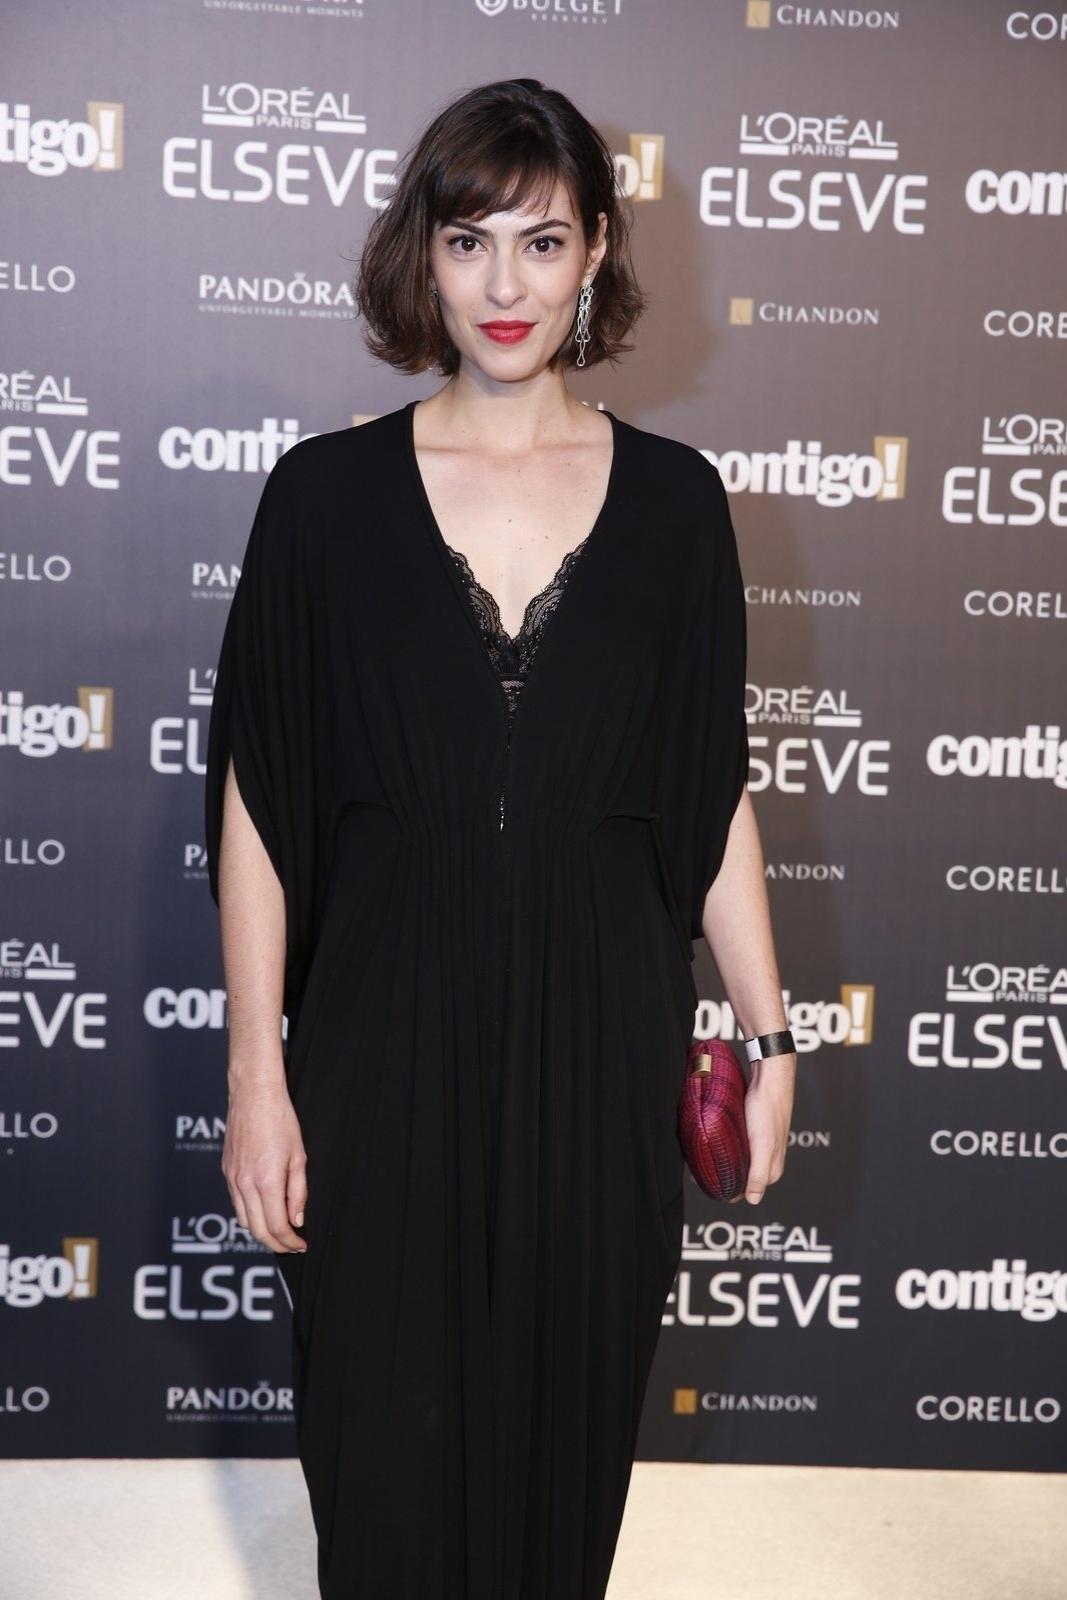 28.jul.2014 - A atriz Isabel Wilker prestigou a 16ª edição do Prêmio Contigo! de TV, realizado no hotel Copacabana Palace, no Rio